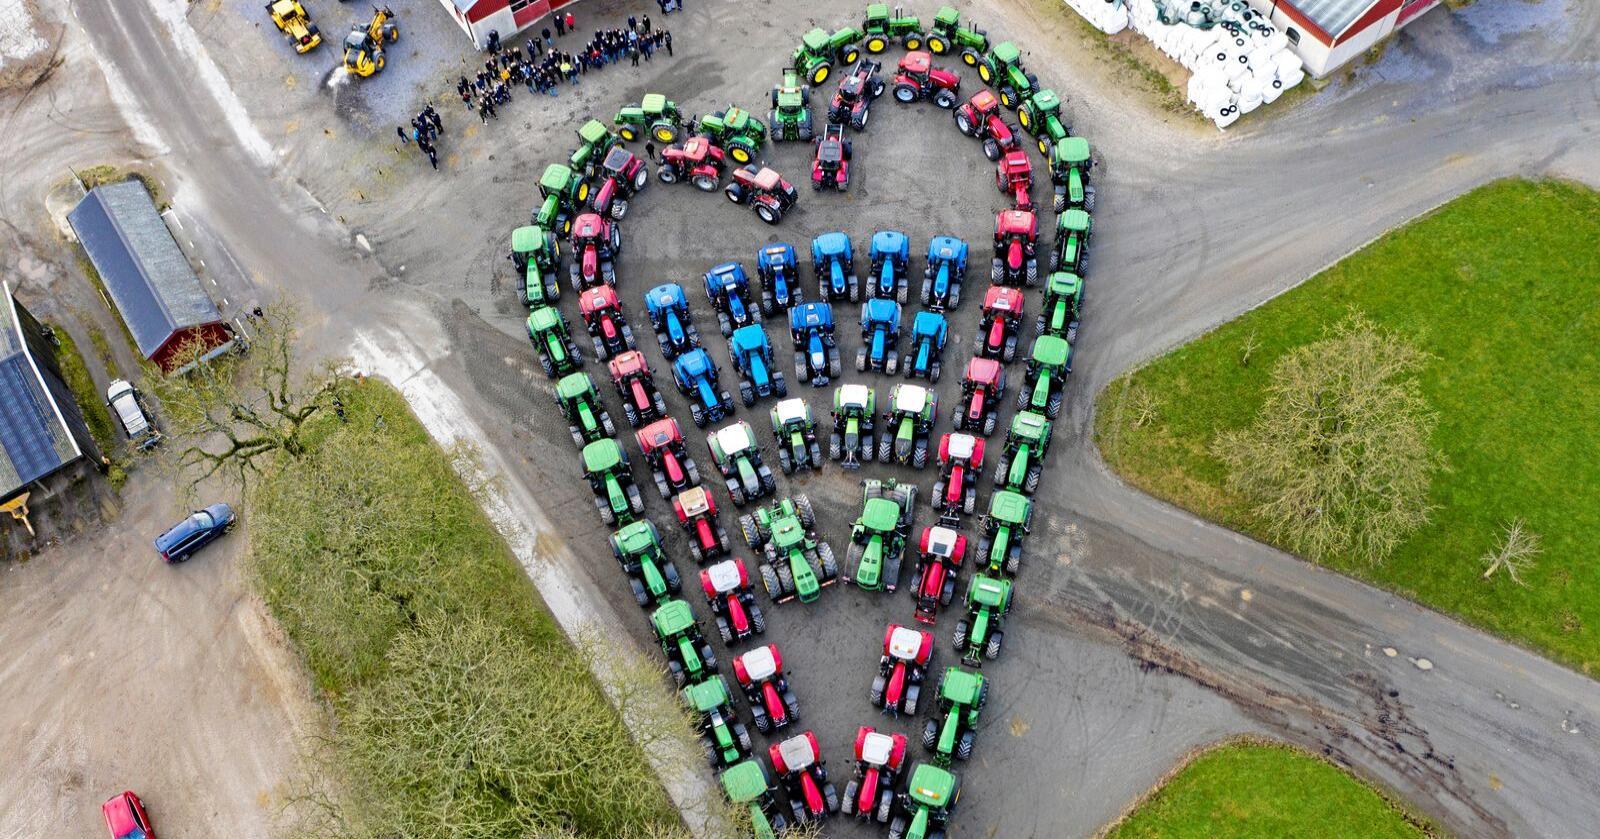 Det ble laget et hjerte av traktorer for å hedre den 17 år gamle jenta som mistet livet i en hesteulykke søndag. Foto: Johan Nilsson / TT / NTB Scanpix